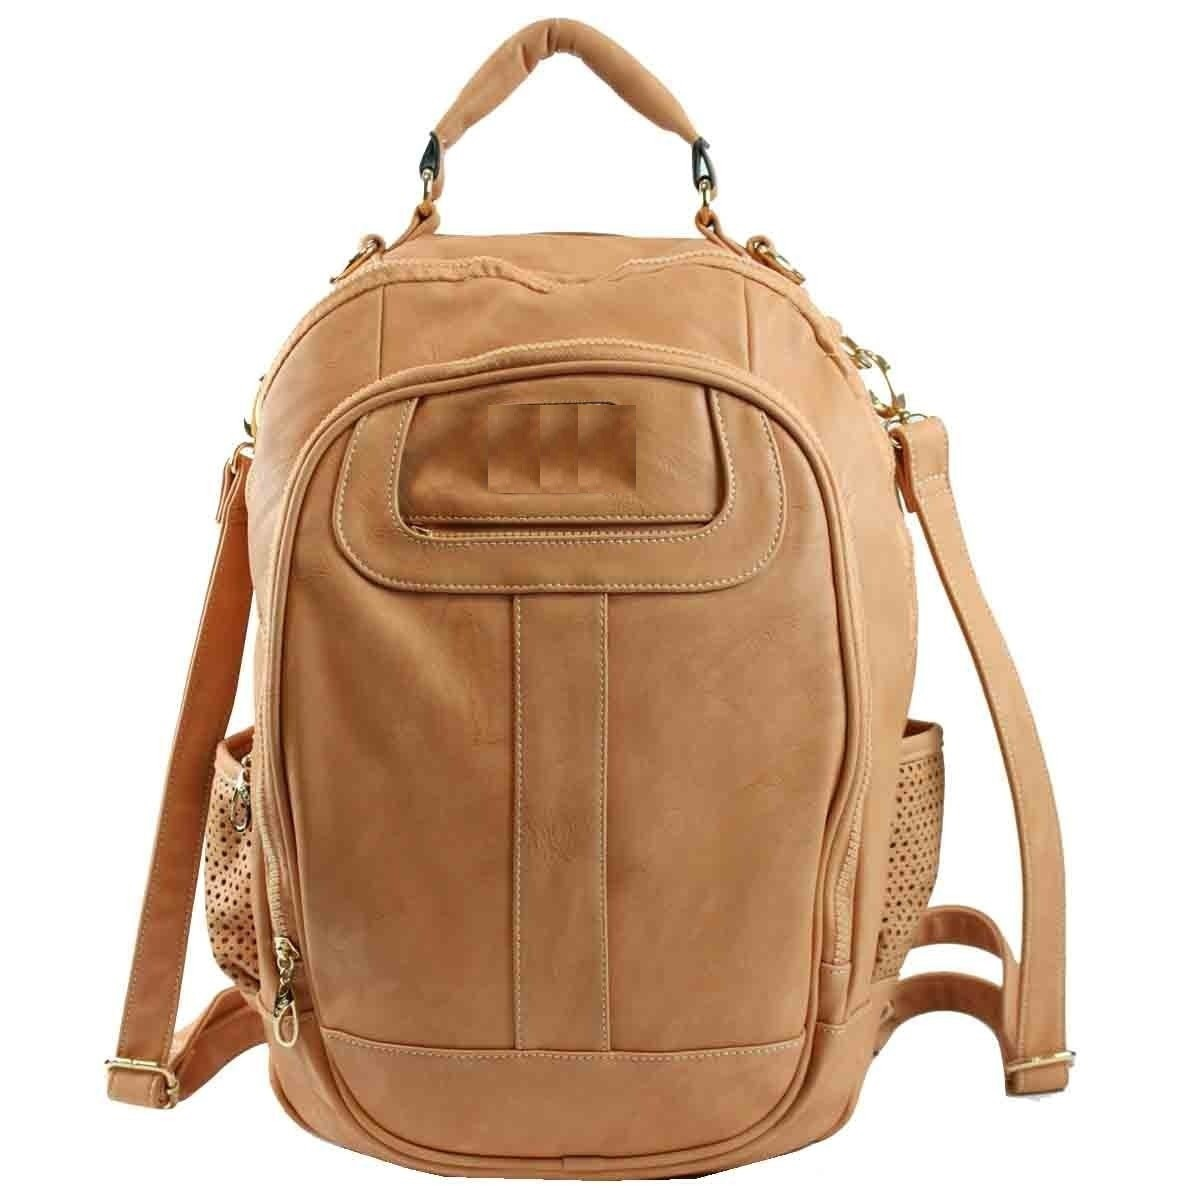 Bolsa Feminina Couro : Eu moda bolsa tipo mochila feminina de couro